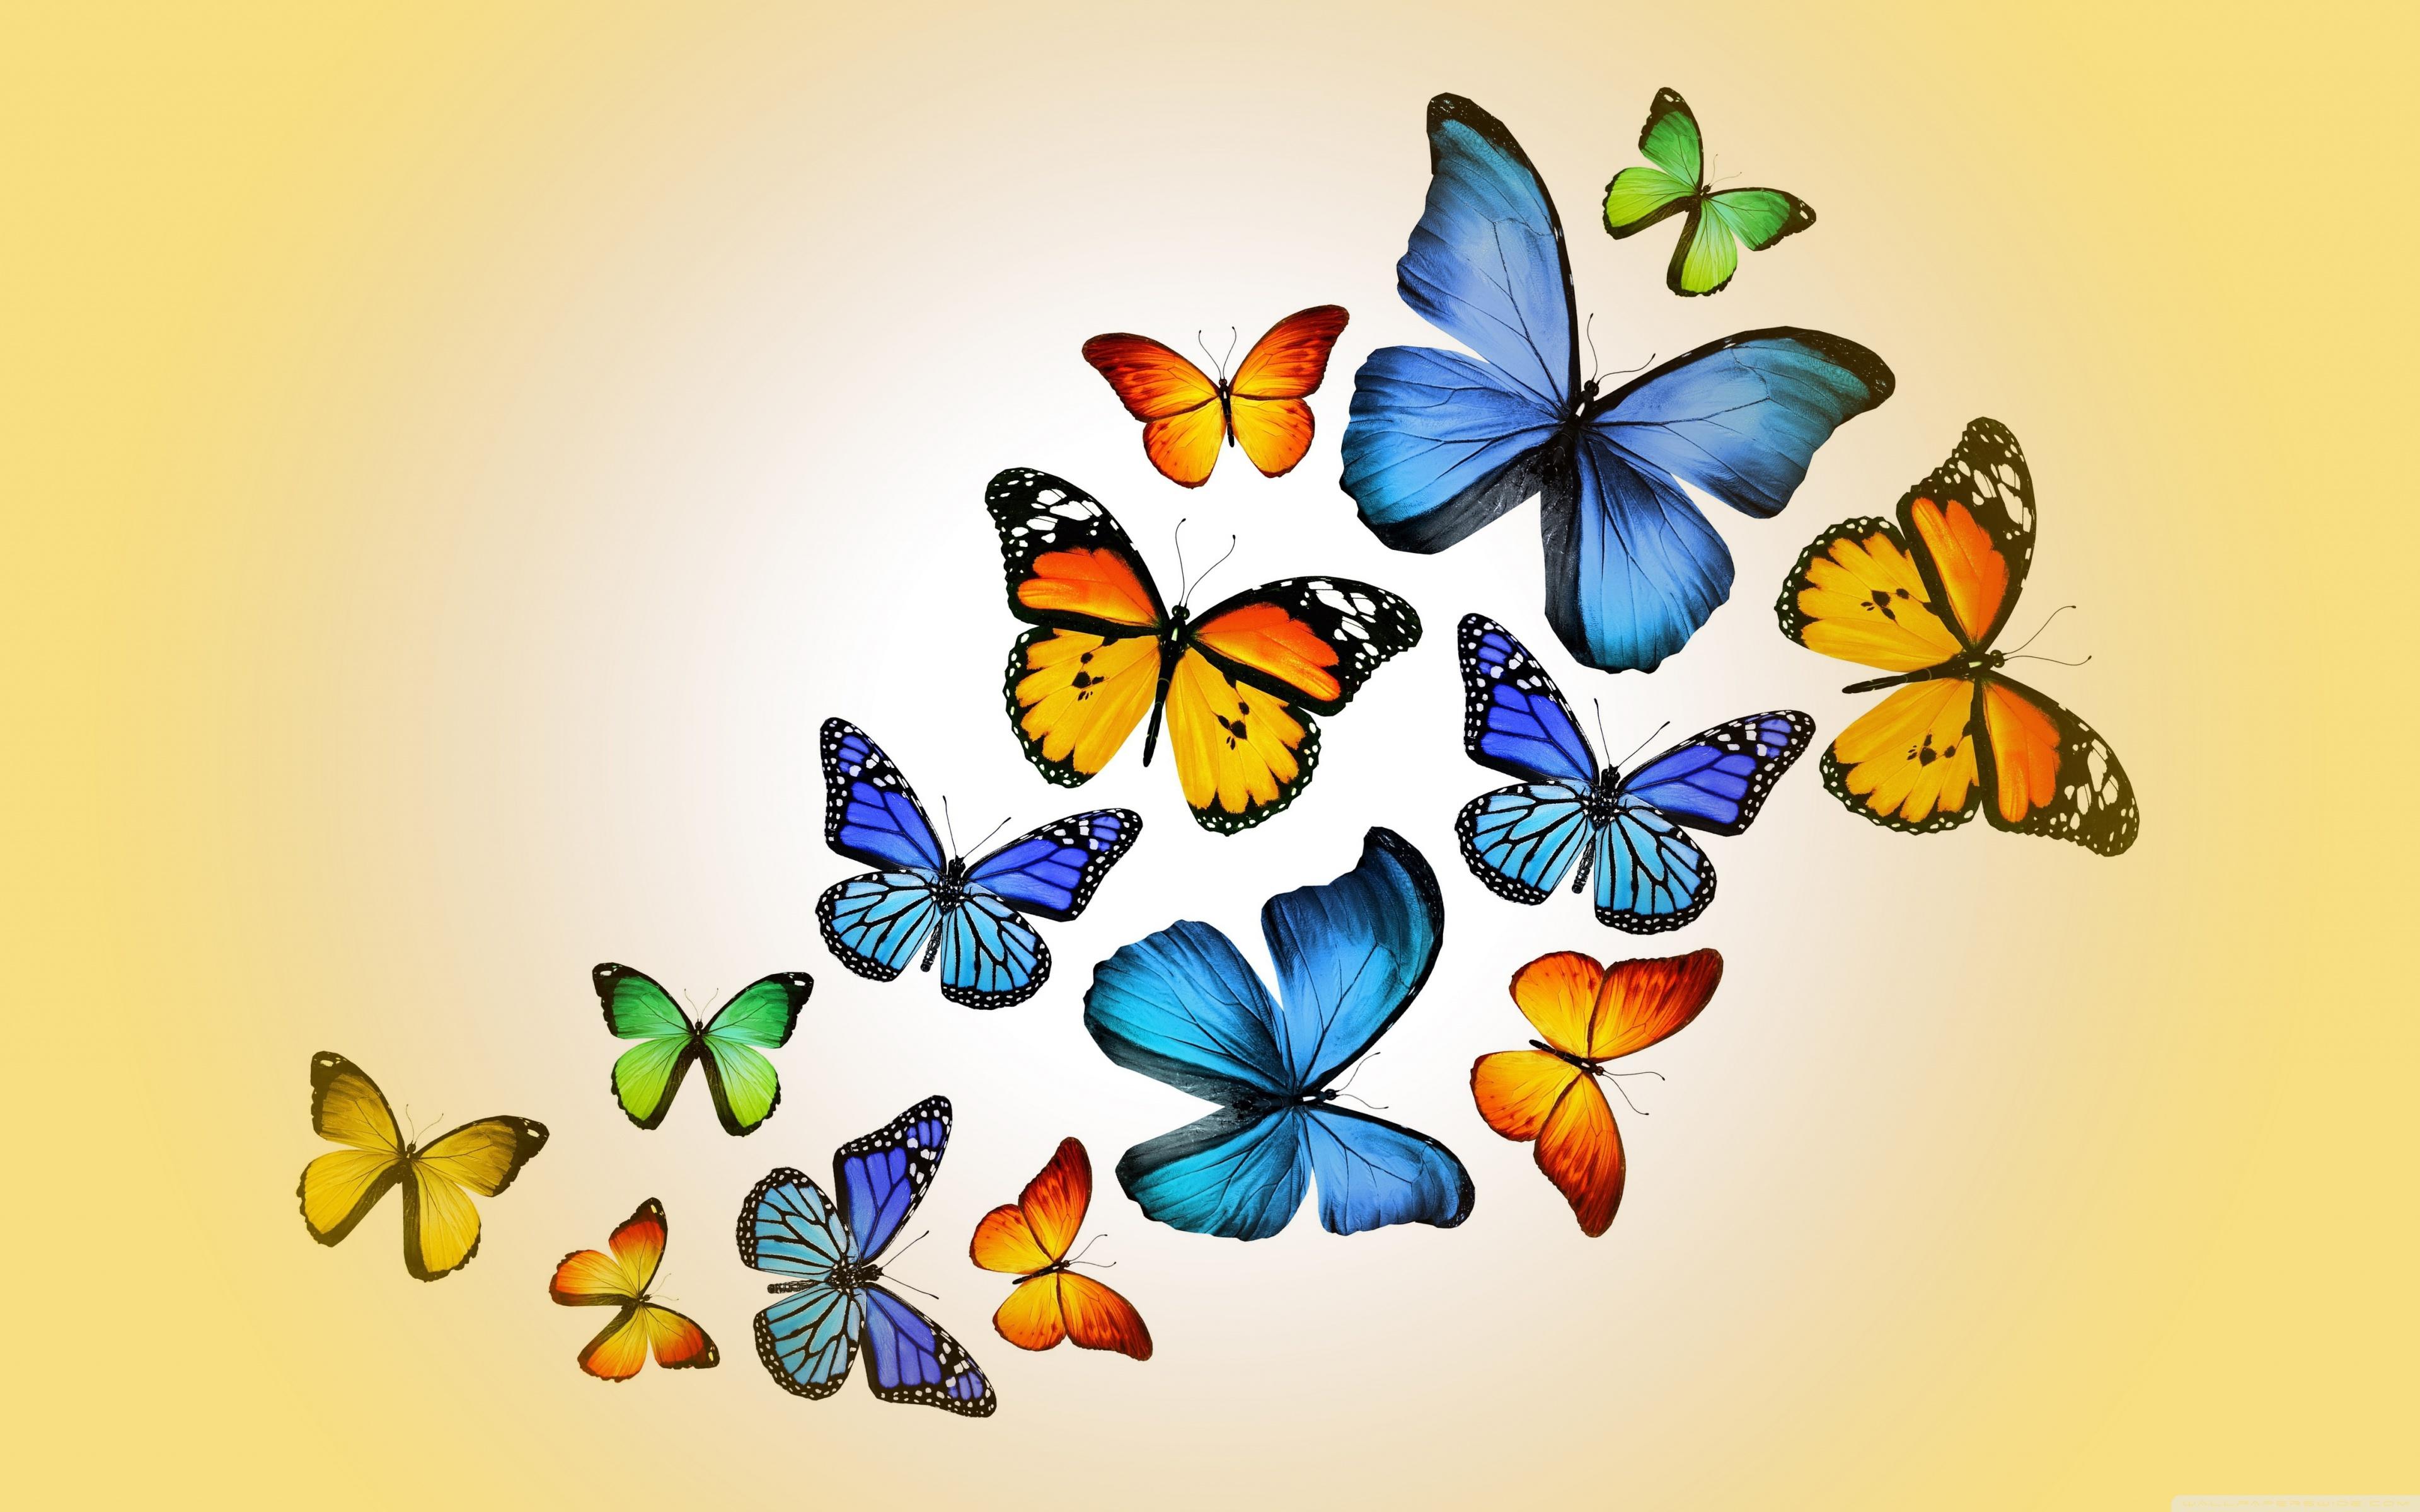 Butterflies 4K HD Desktop Wallpaper for 4K Ultra HD TV Wide 3840x2400